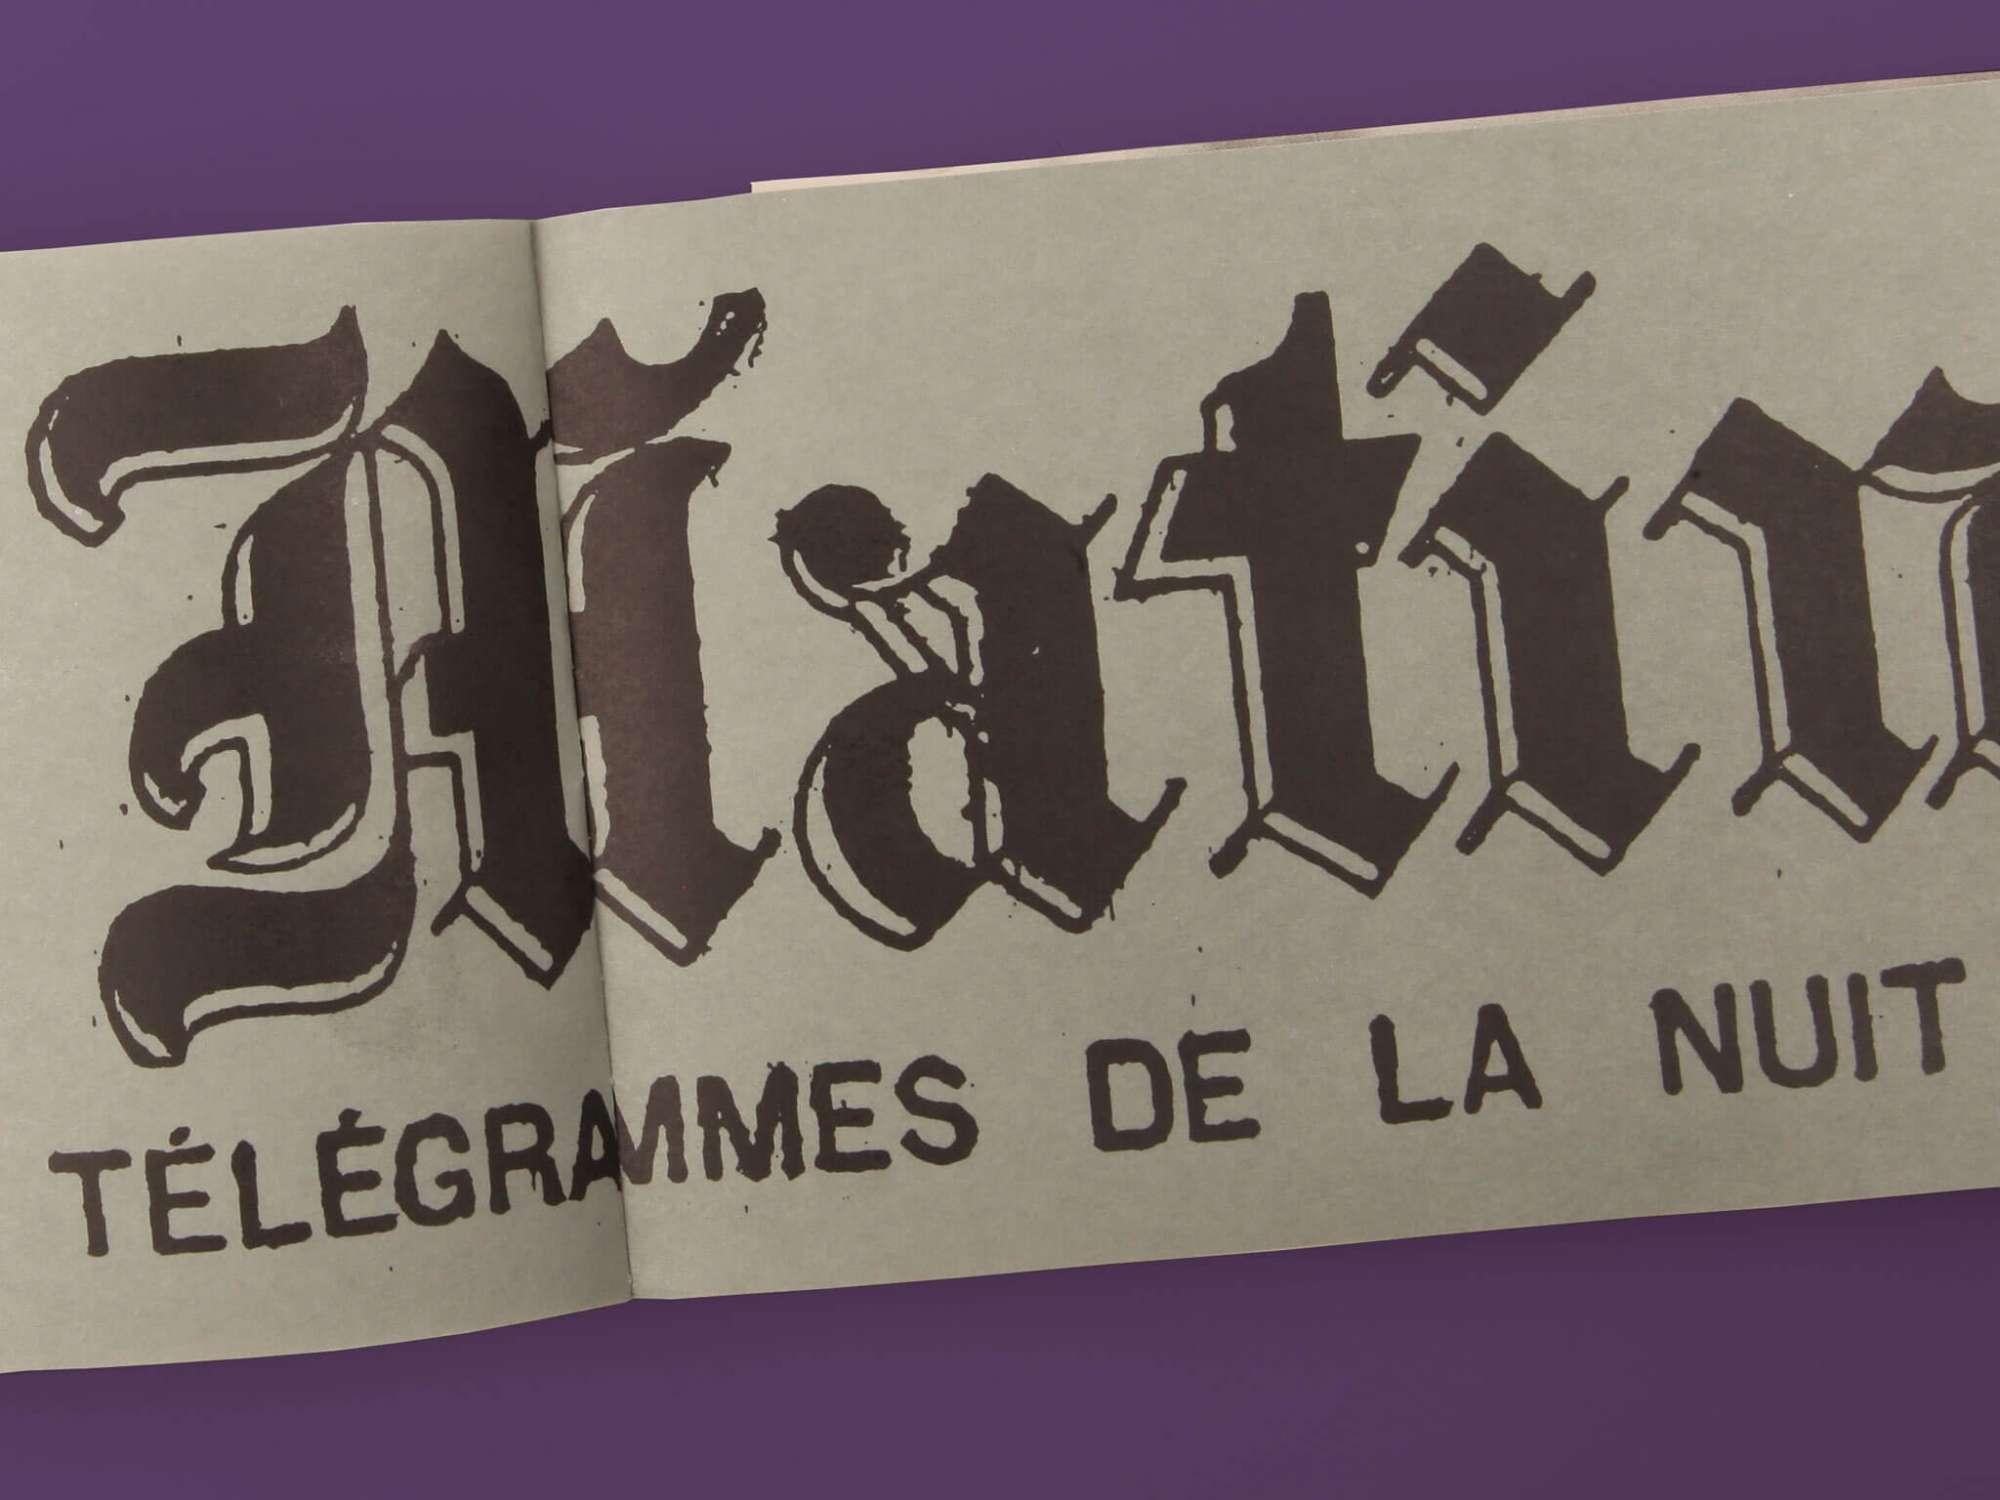 Félix Fénéon Nouvelles en trois lignes Éditions cent pages page intérieure Le Matin Télégrammes de la nuit Faits divers